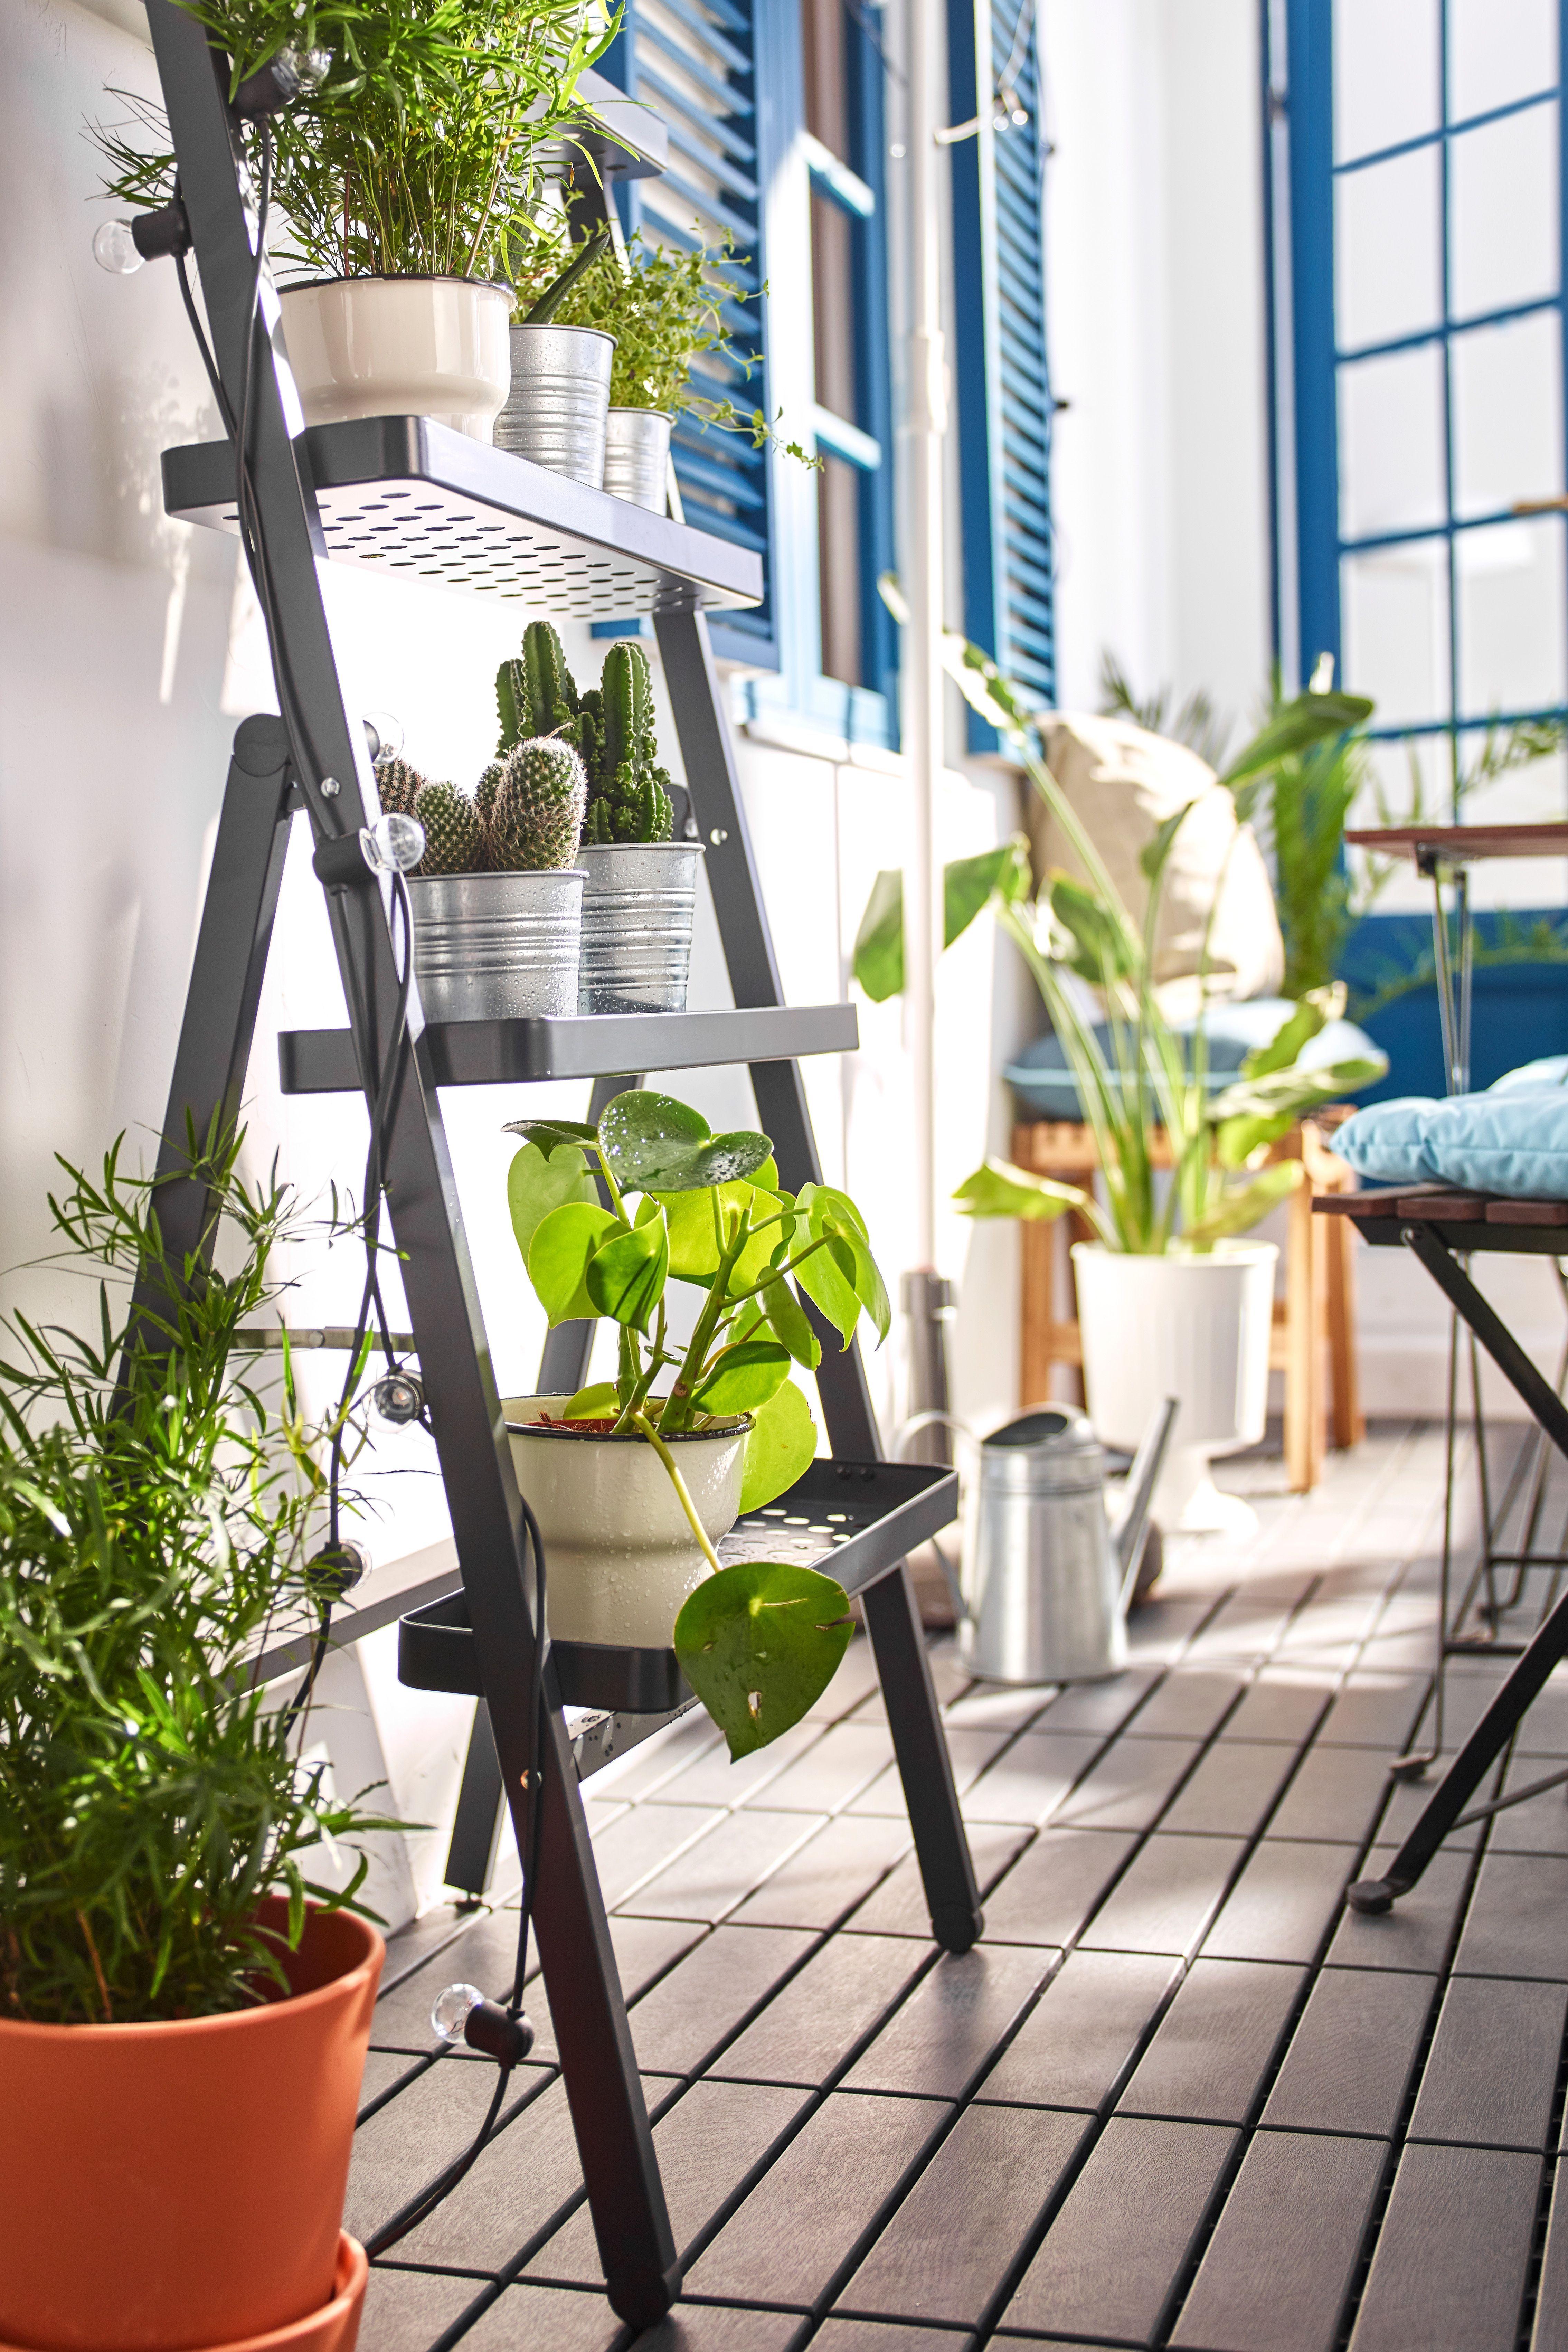 So Geben Sie Ihrem Garten Eine Landliche Rustikale Atmosphare Einfaches Som Welcome To Blog In 2020 Ikea Garden Furniture Flower Stands Balcony Planters